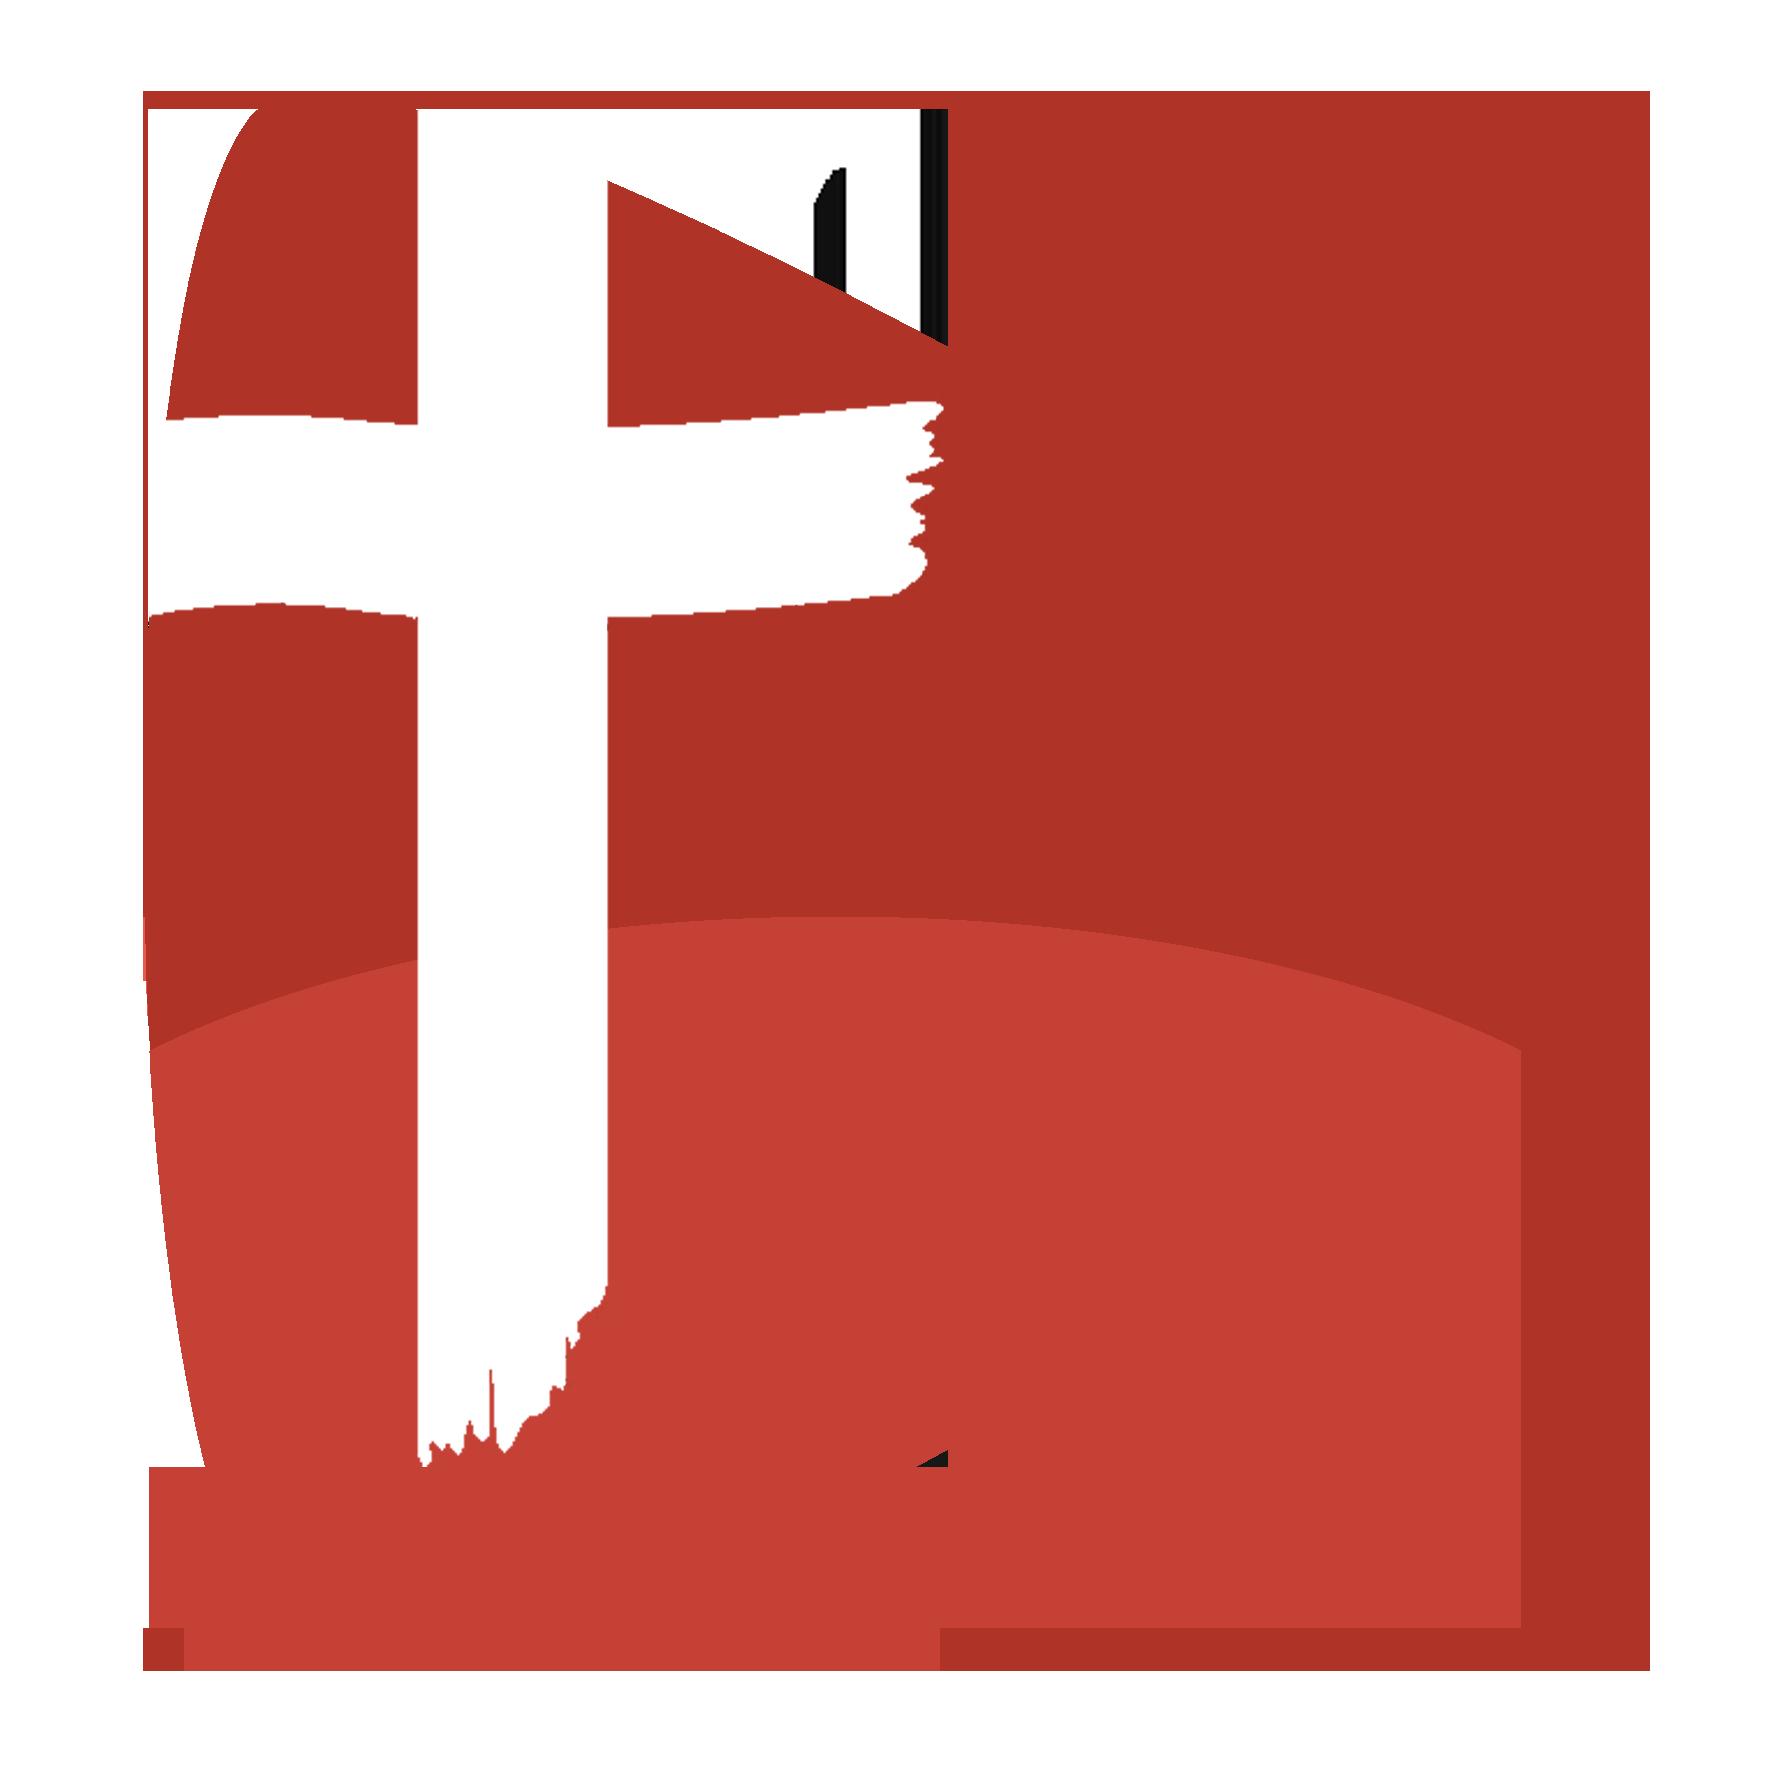 Gudstjänst-2021-09-19 Predikan | Anney Haglund | Tro på mig, tro på Gud